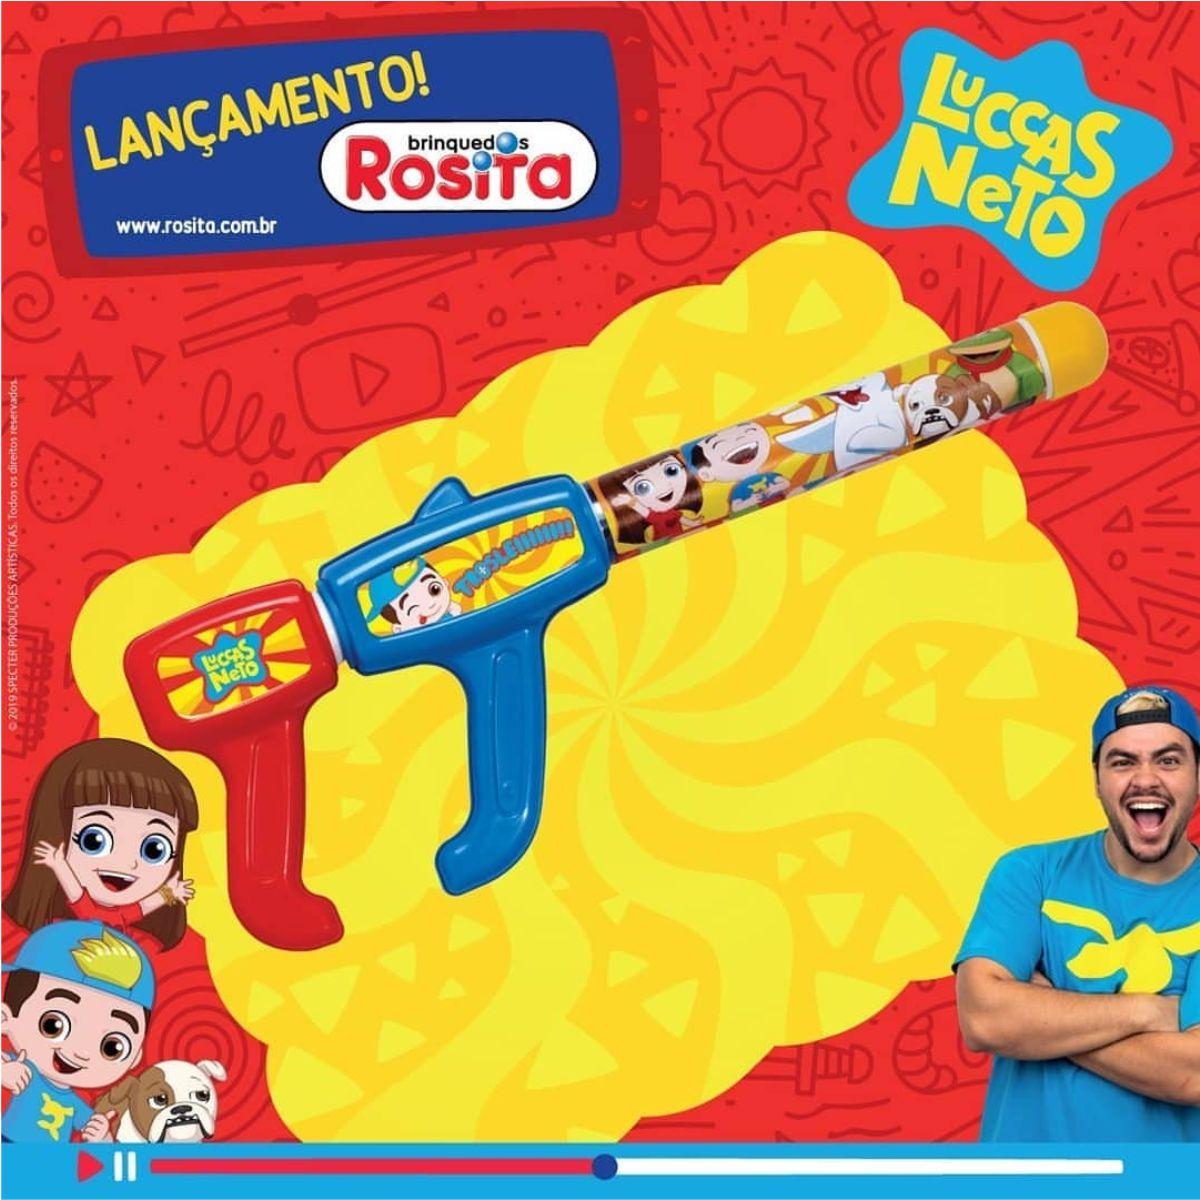 Boneco Luccas Neto Fala 14 Frases com Lança Agua Original Rosita